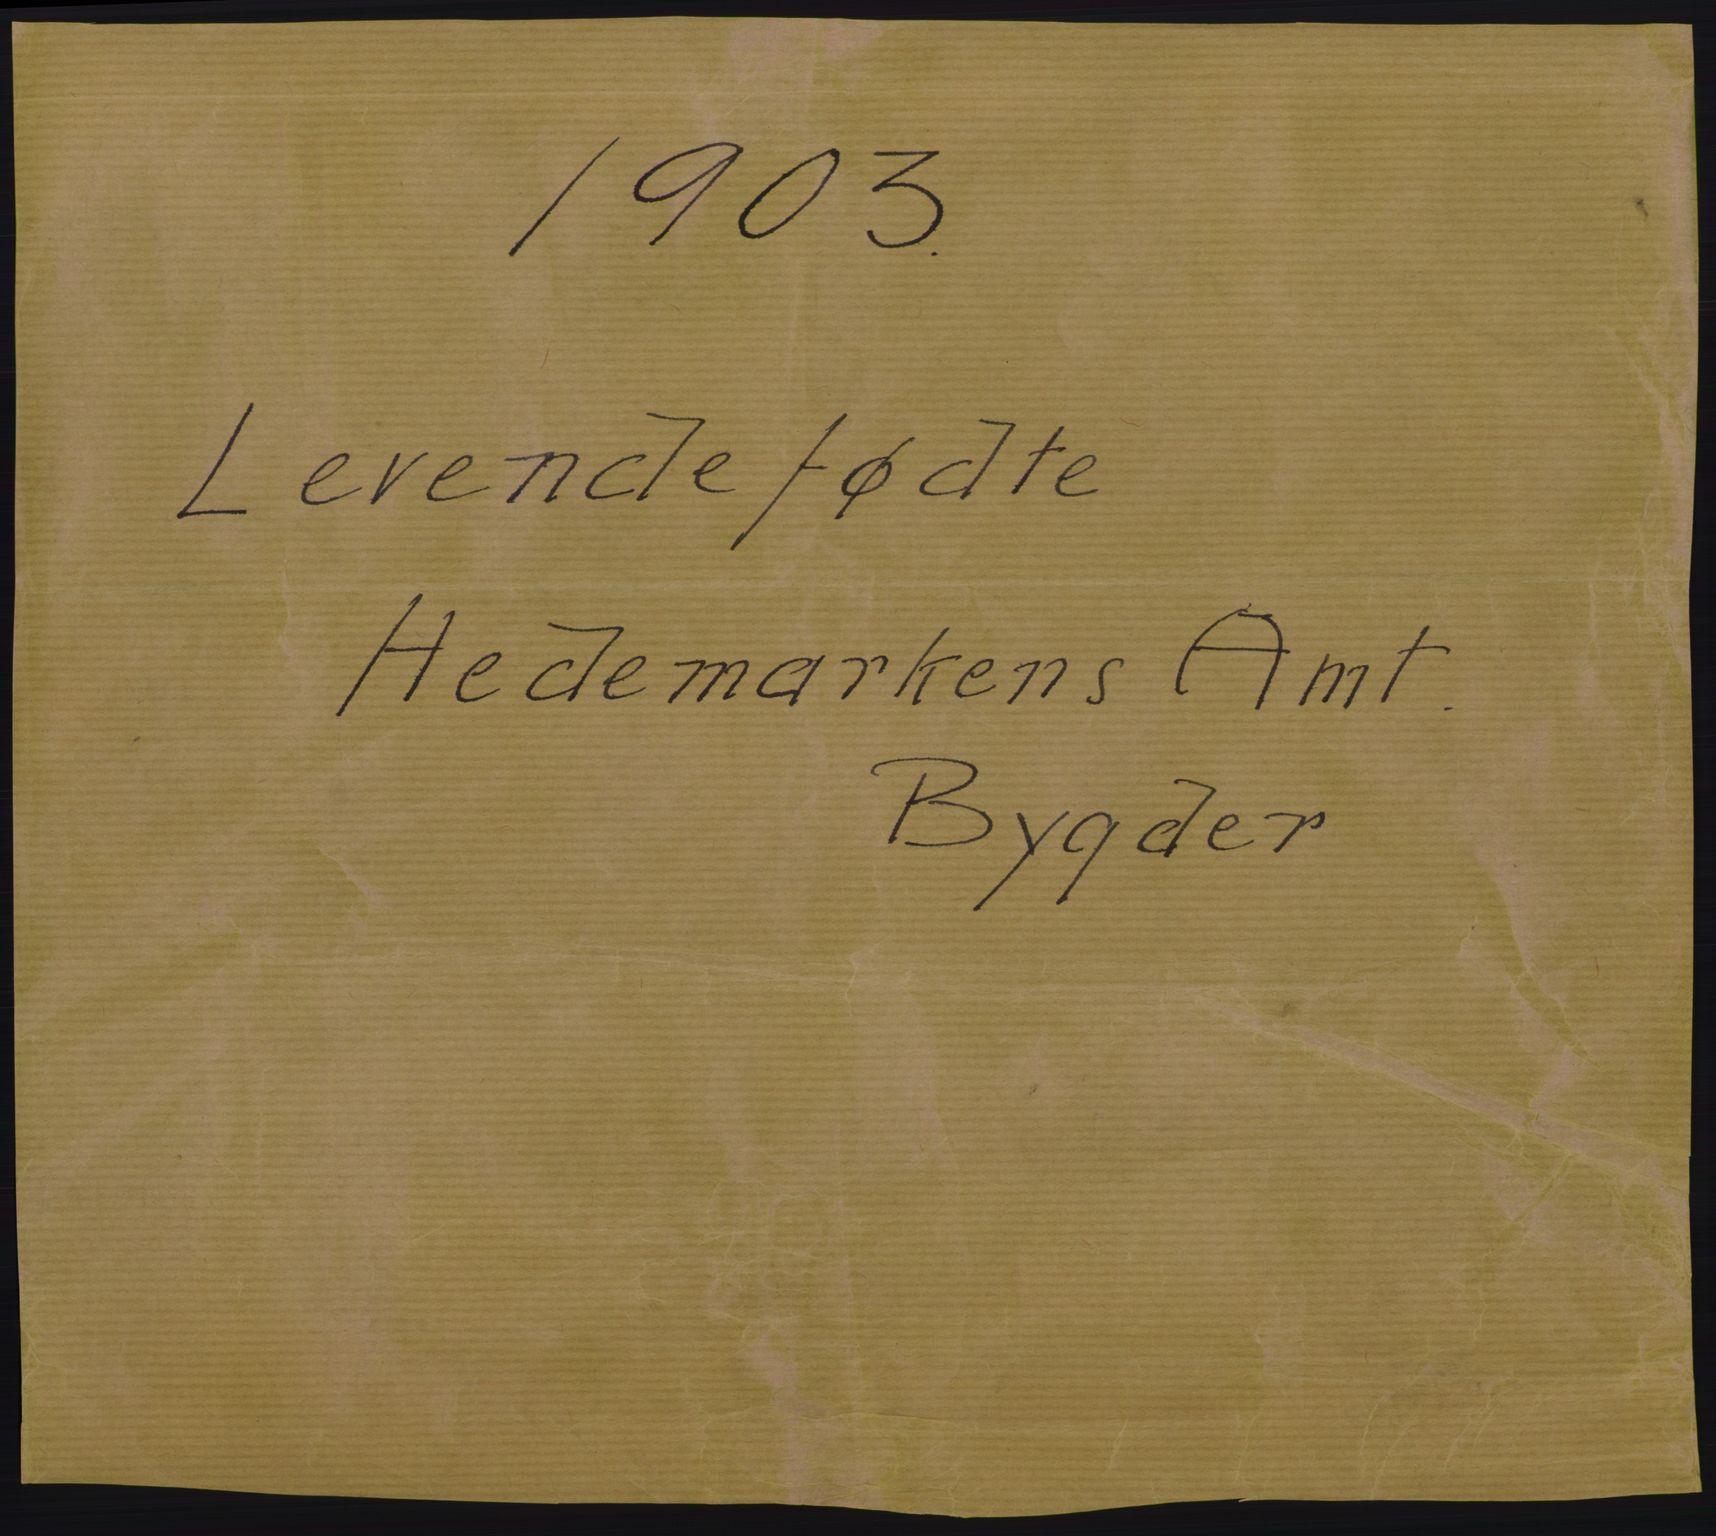 RA, Statistisk sentralbyrå, Sosiodemografiske emner, Befolkning, D/Df/Dfa/Dfaa/L0005: Hedemarkens amt: Fødte, gifte, døde, 1903